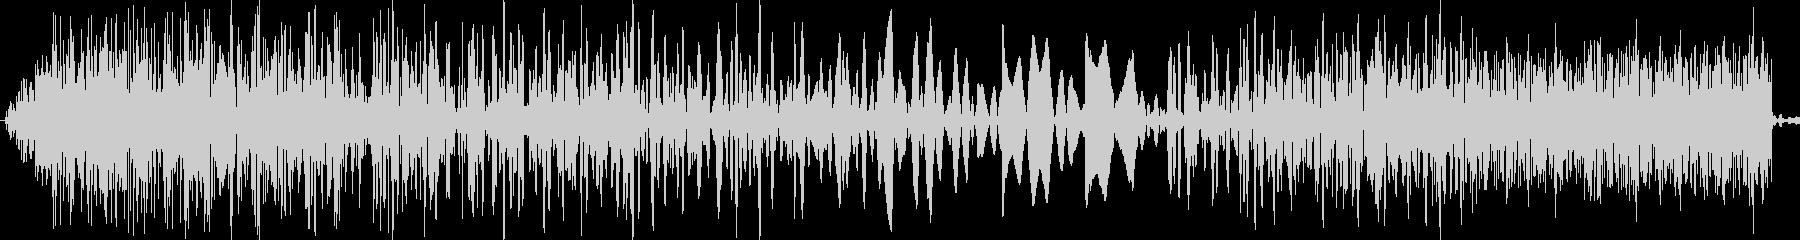 【ズバッ】8bit系の斬撃/攻撃音の未再生の波形